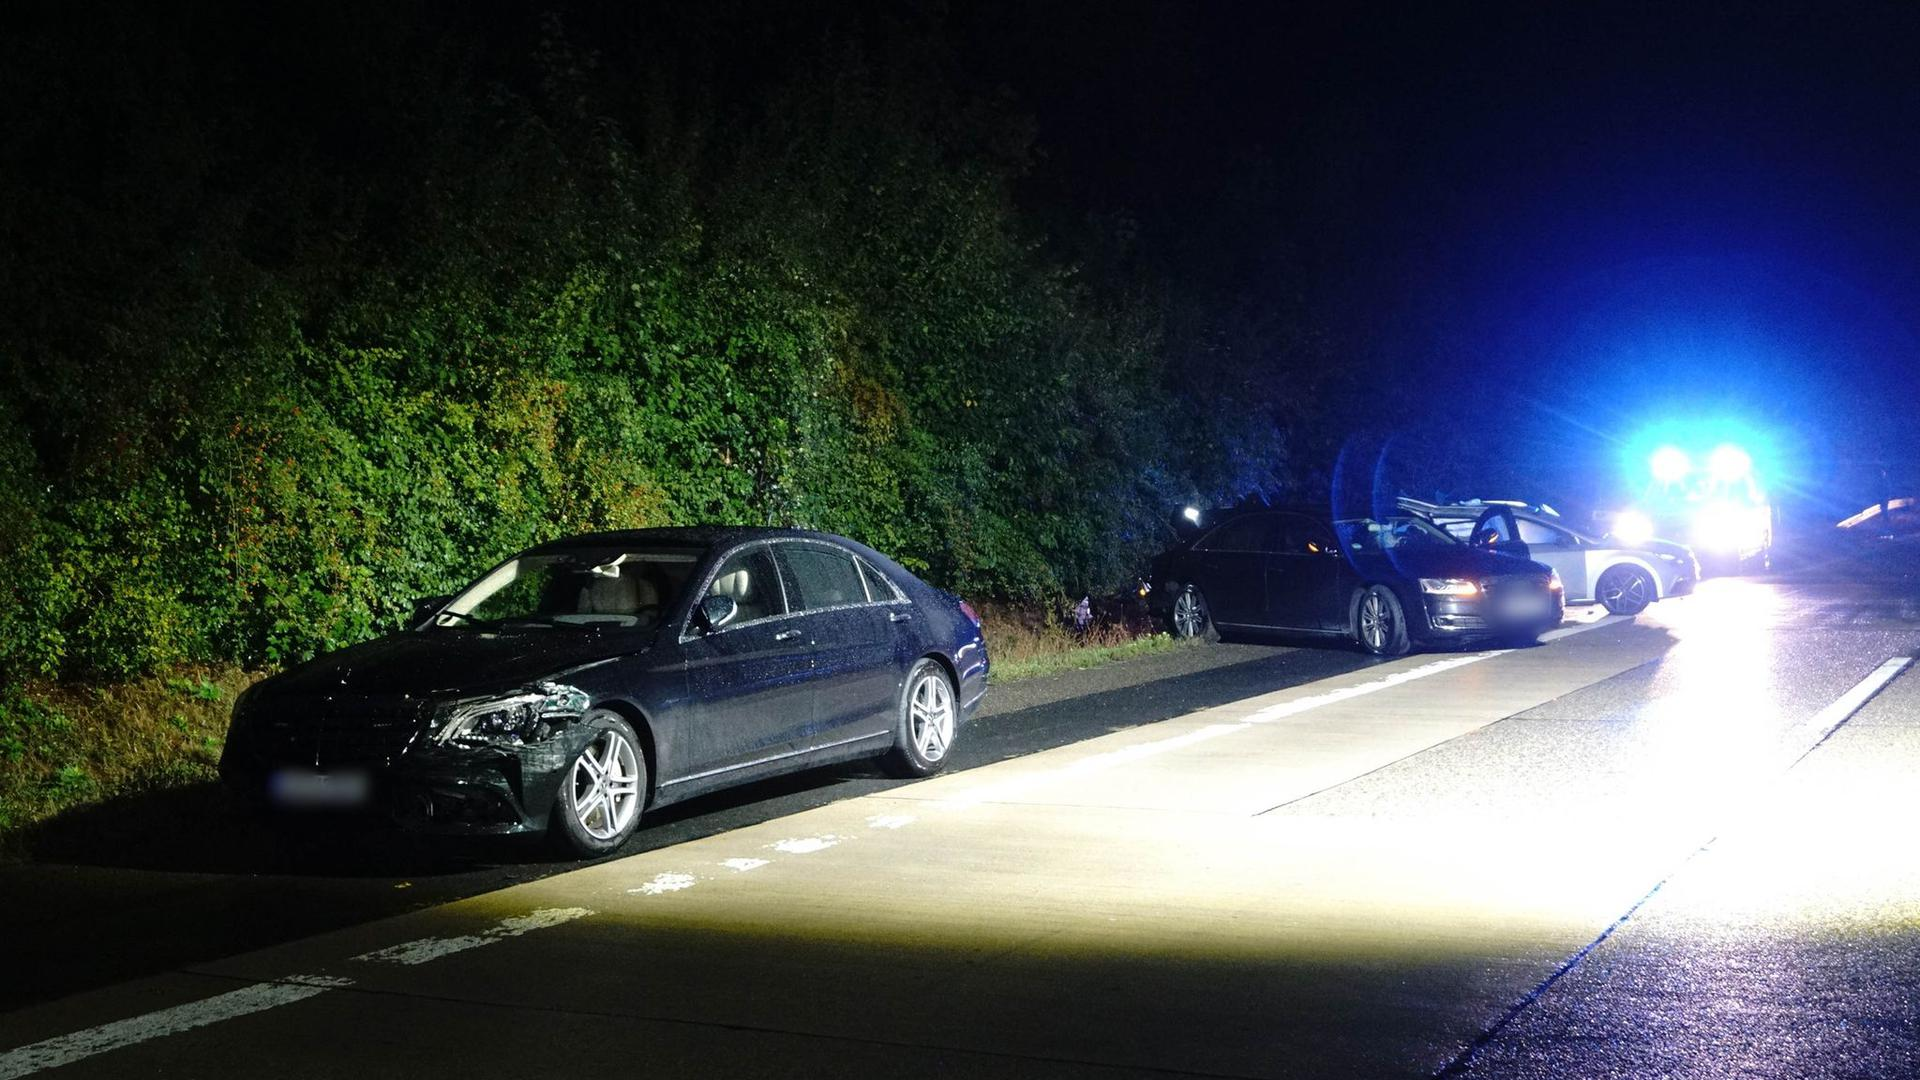 Das Fahrzeug von Ministerpräsident Kretschmann (l-r), ein Begleitfahrzeug sowie ein anderer am Unfall beteiligter Pkw stehen nach dem Unfall am Straßenrand.